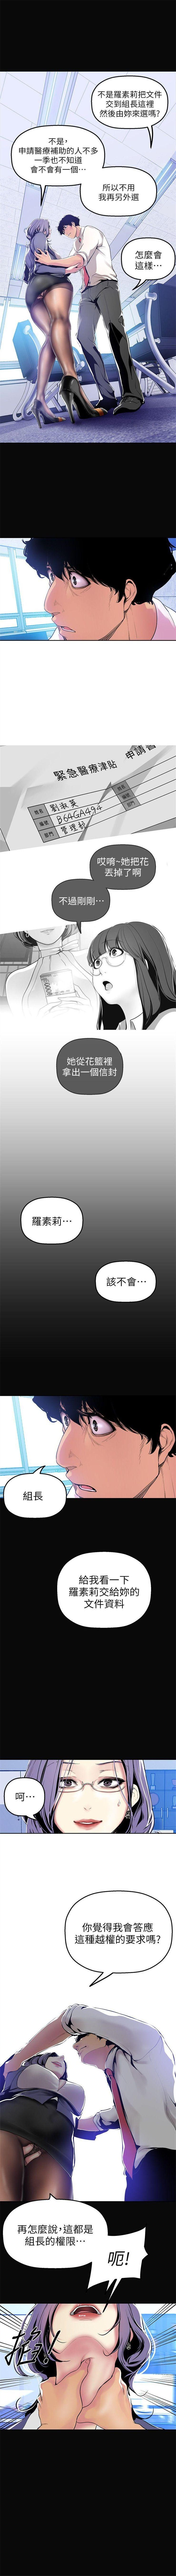 (週1)美麗新世界 1-76 中文翻譯 (更新中) 276